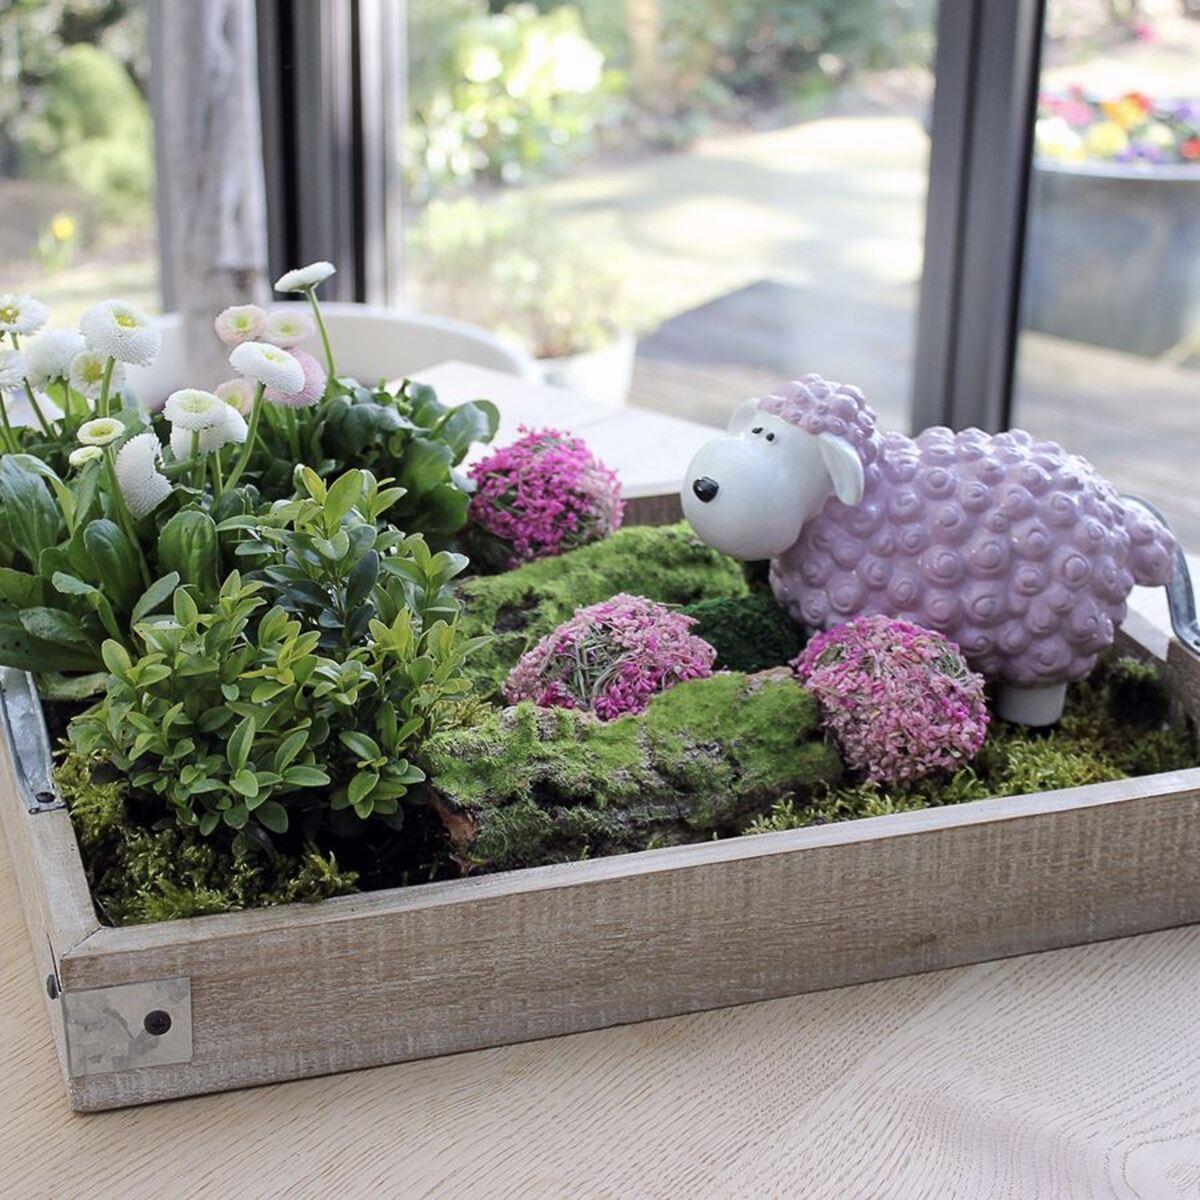 Bild 5 von Gartenfigur Mini-Schaf Pastellflieder